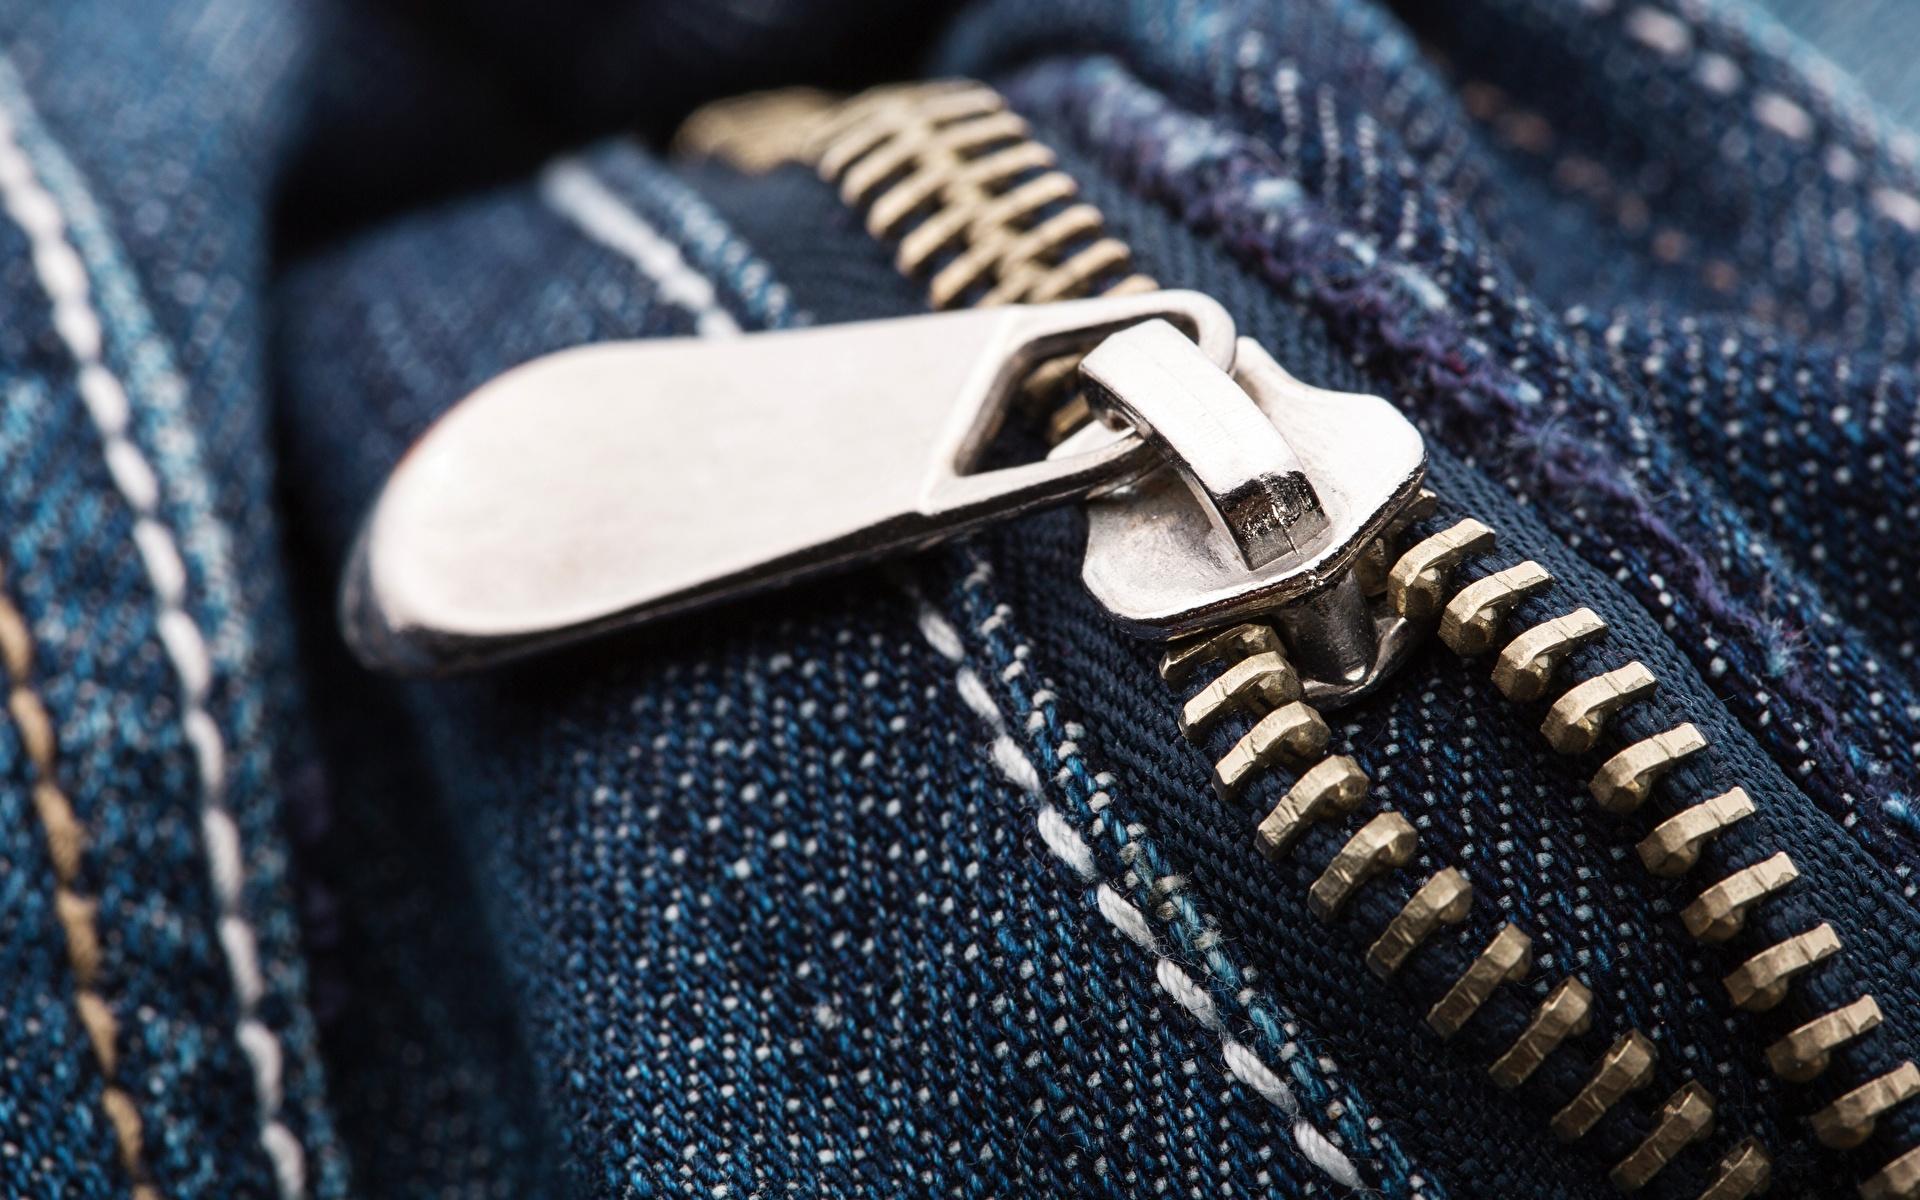 1920x1200、クローズアップ、接写、metal zipper、ジーンズ、、